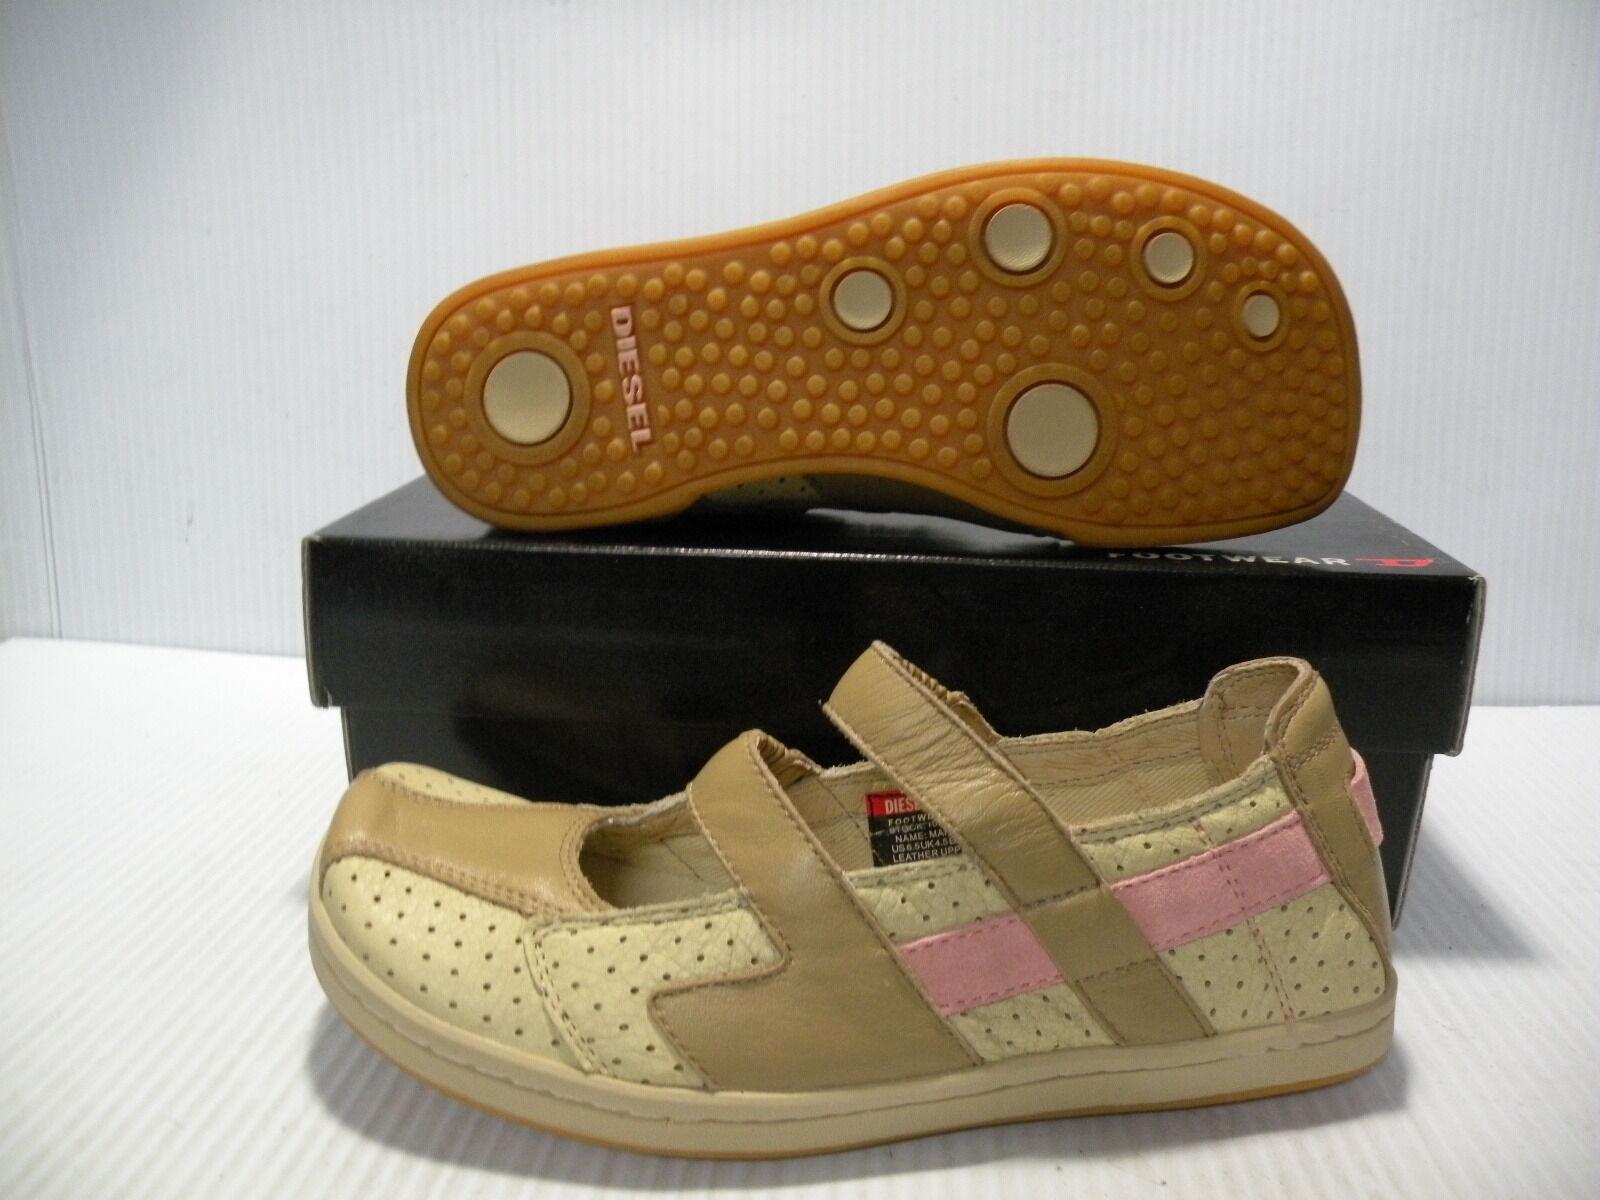 DIESEL MARLISE LOW VINTAGE WOMEN Schuhe MYO/BEACH/SCAL 4996 SIZE 6.5 NEW